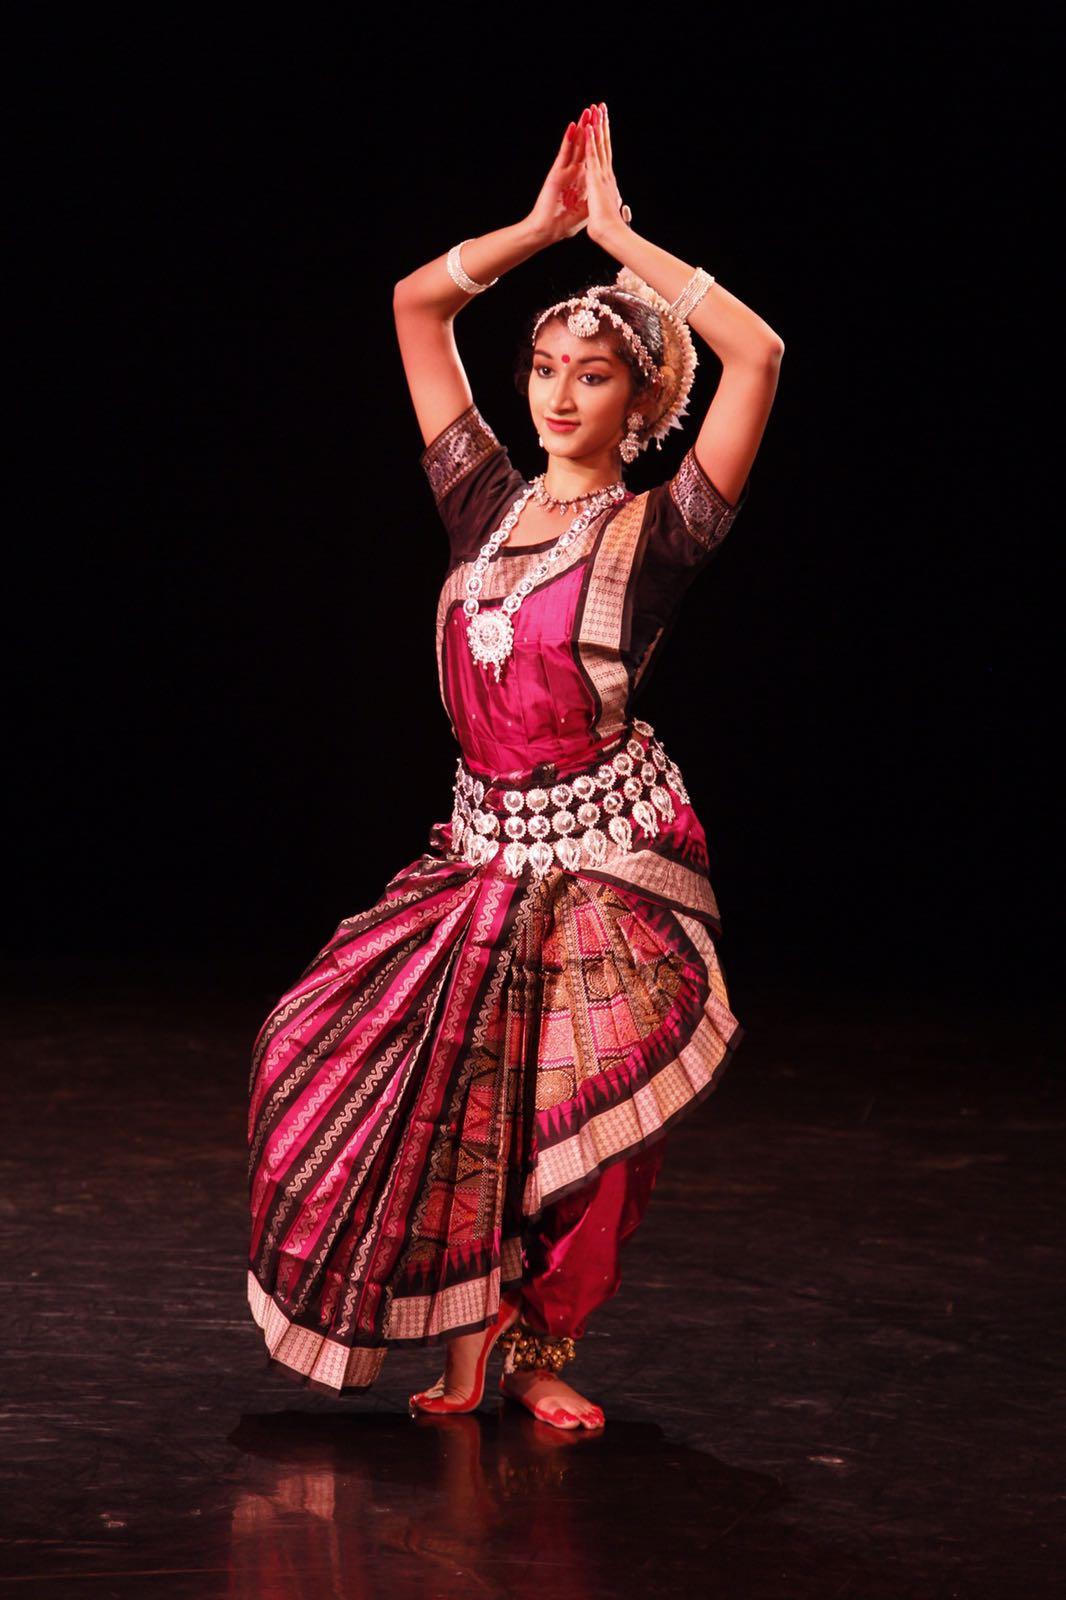 Ms. Ishika Majumder